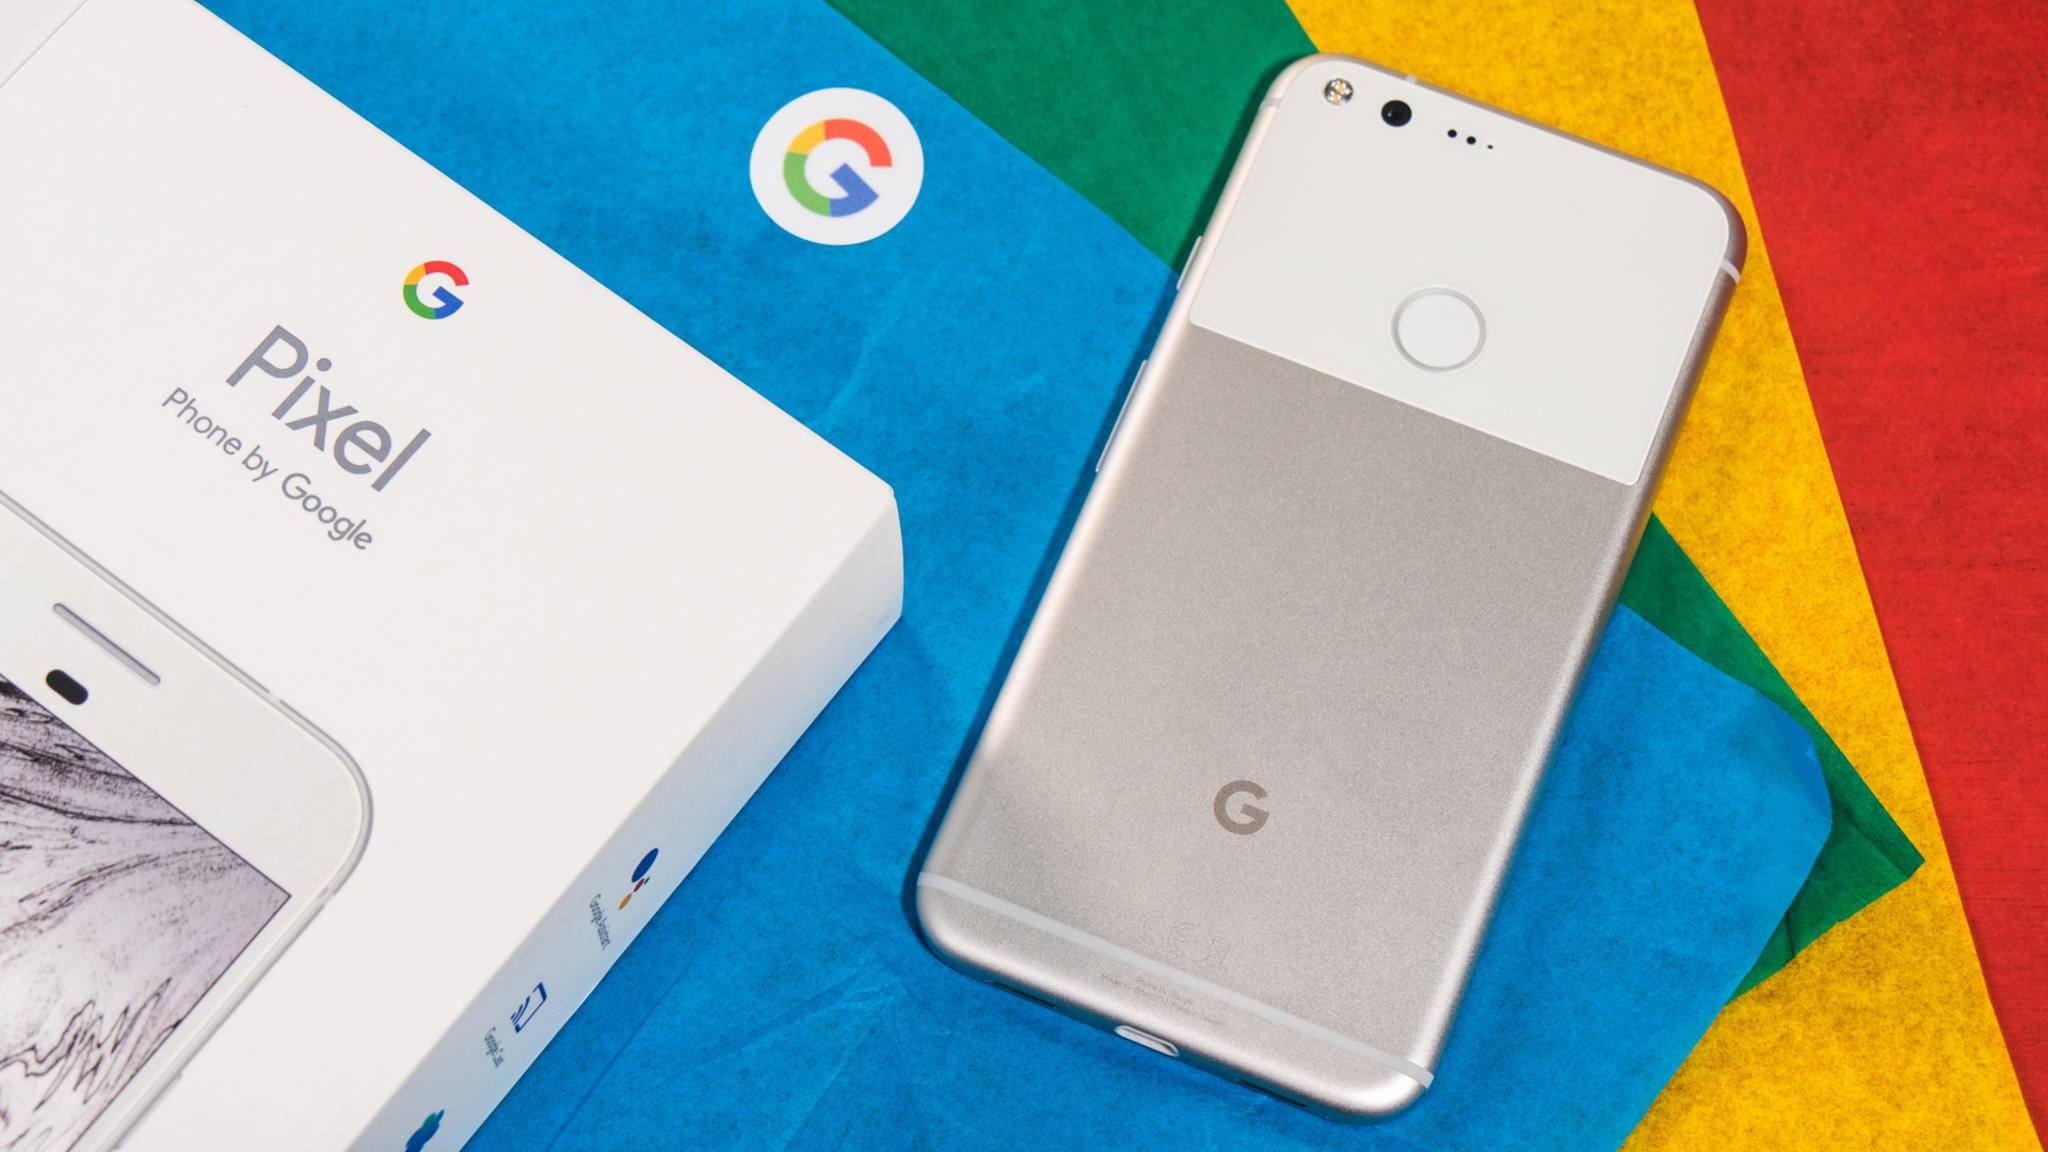 Das kommende Pixel-Smartphone soll noch etwas schmaler ausfallen als die erste Version von 2016.